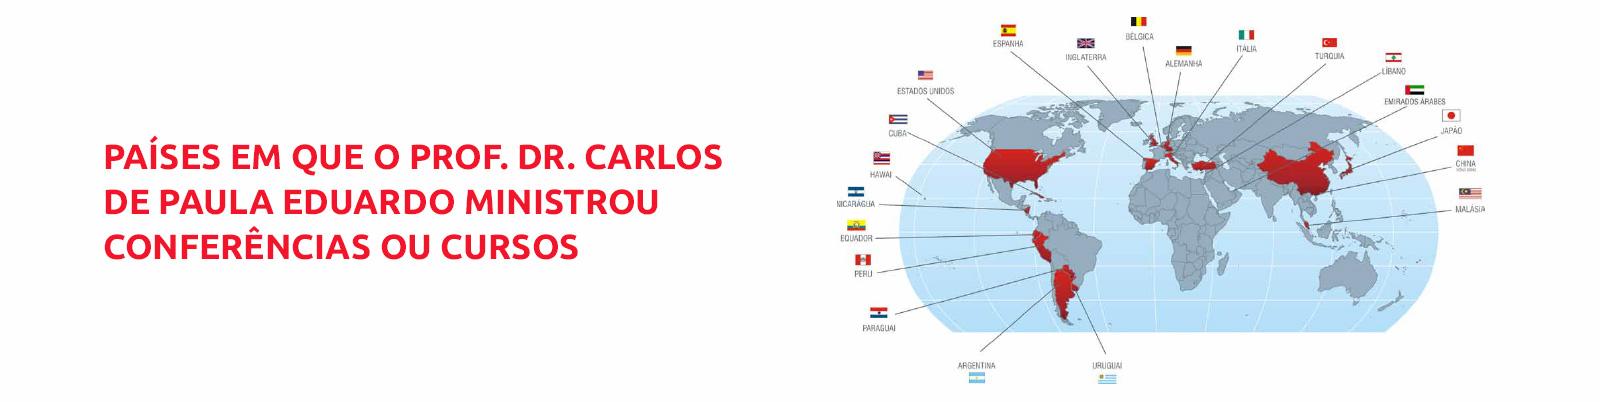 Países em que o Prof. Dr. Carlos de Paula Eduardo ministrou conferências ou cursos